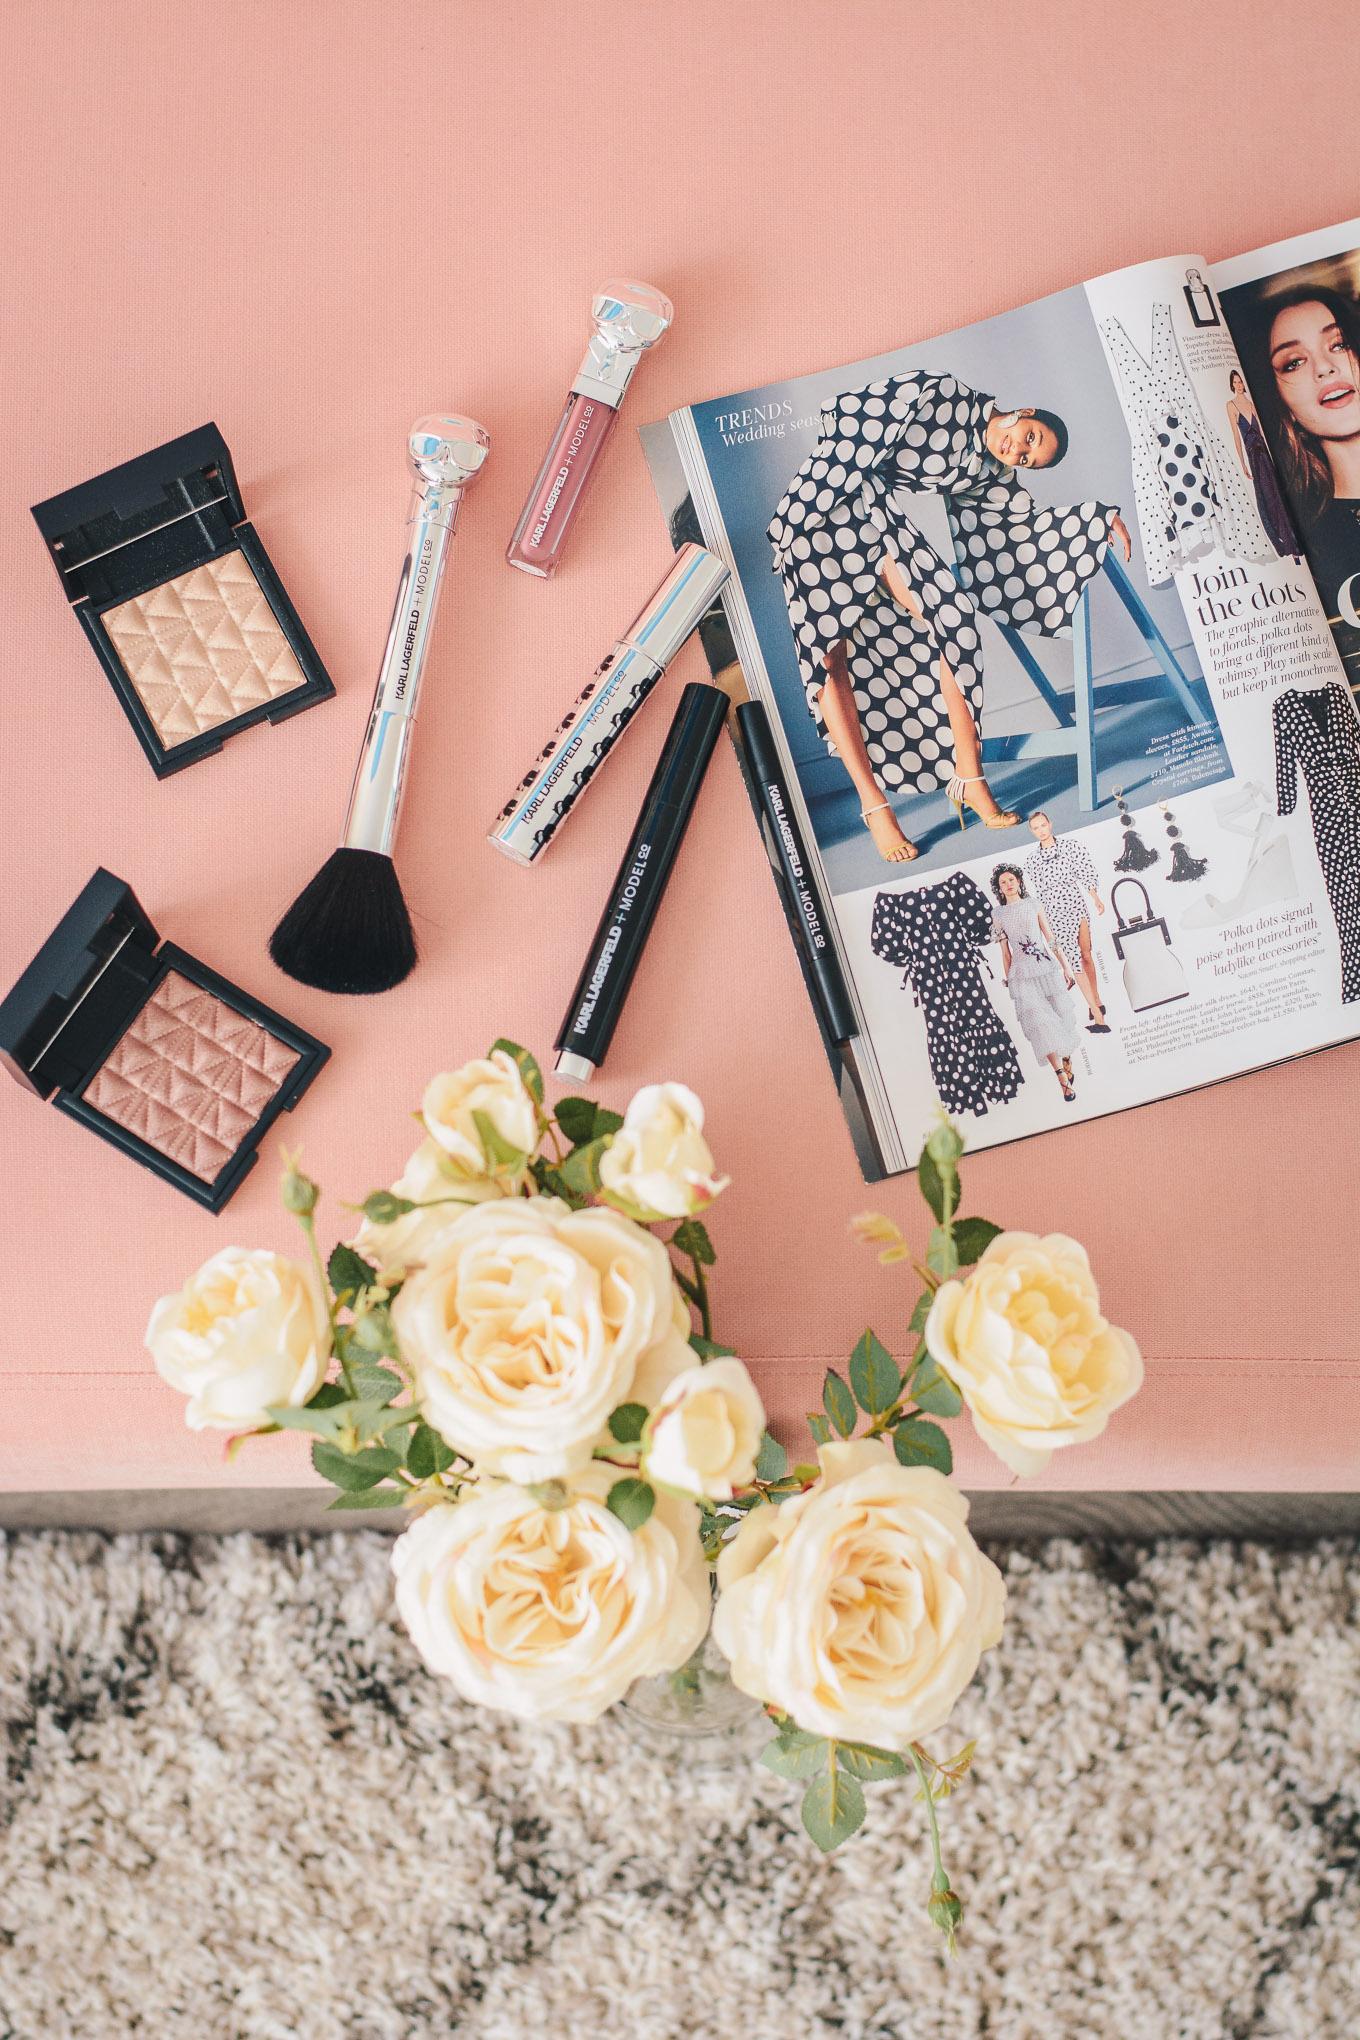 Karl Lagerfeld beauty model co